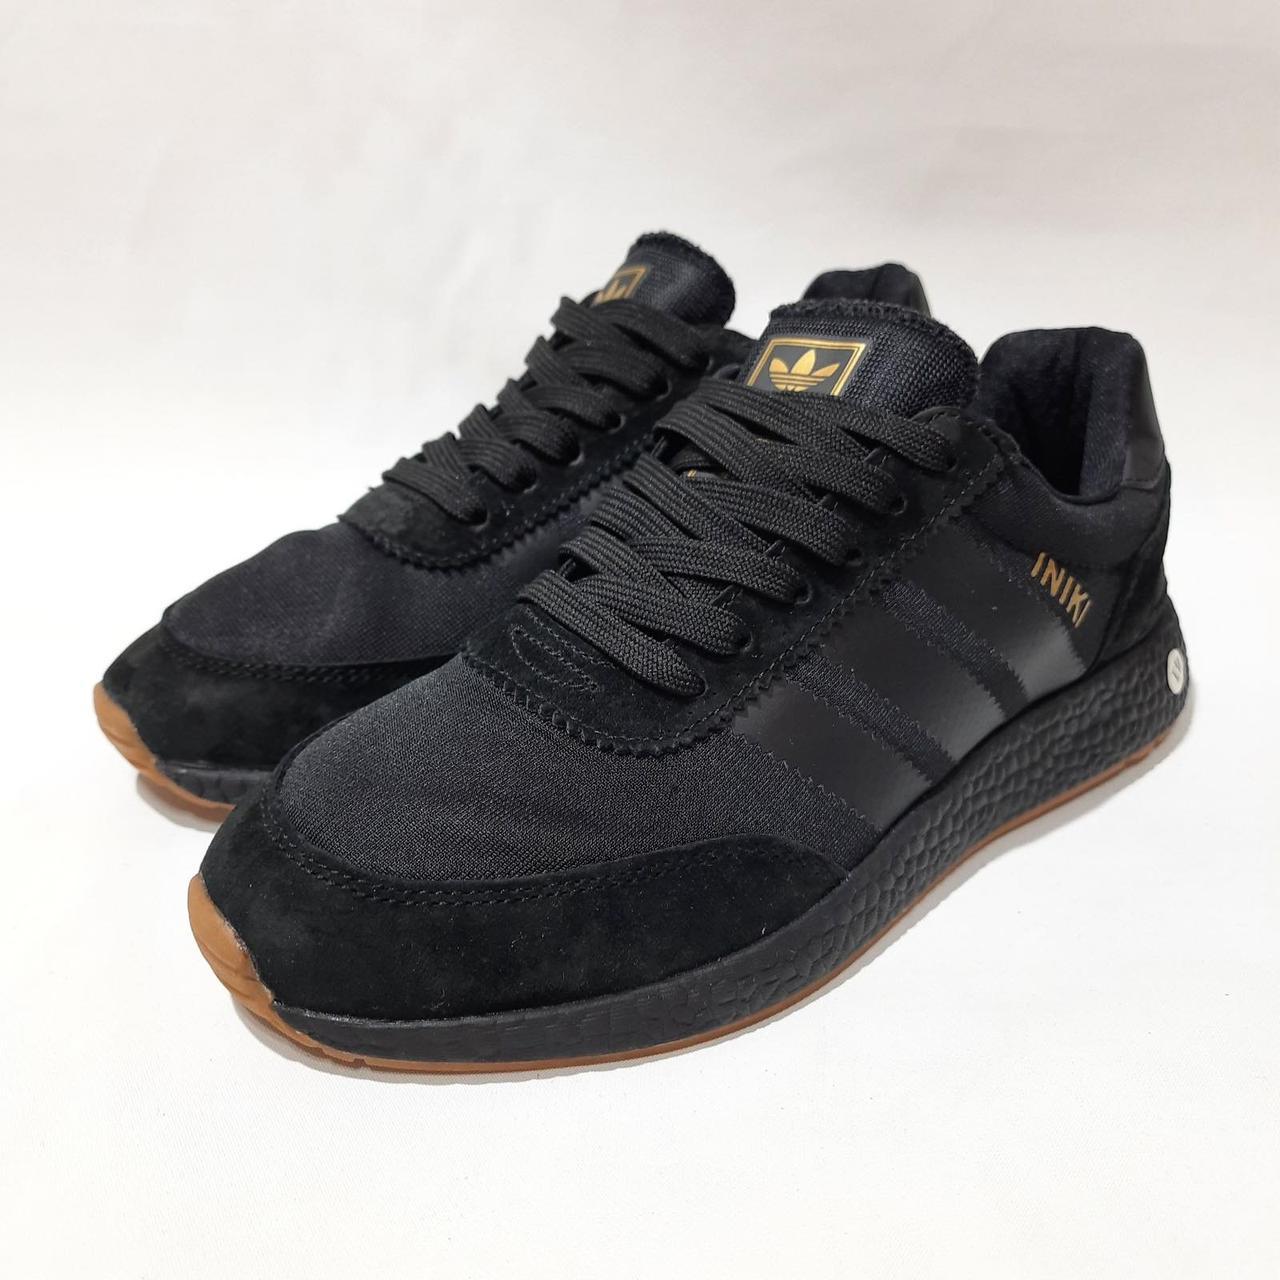 42,44,45,46 р Чоловічі весняні кросівки з текстилю з замшевими вставками Adidas Iniki (Адідас Иники) Чорні